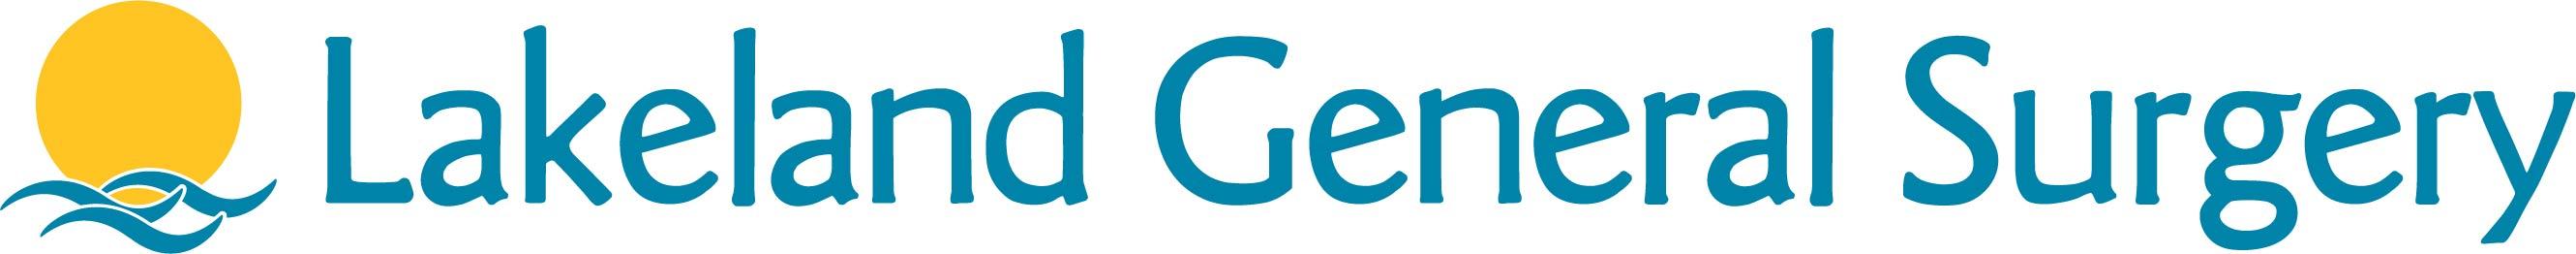 Lakeland General Surgery Logo